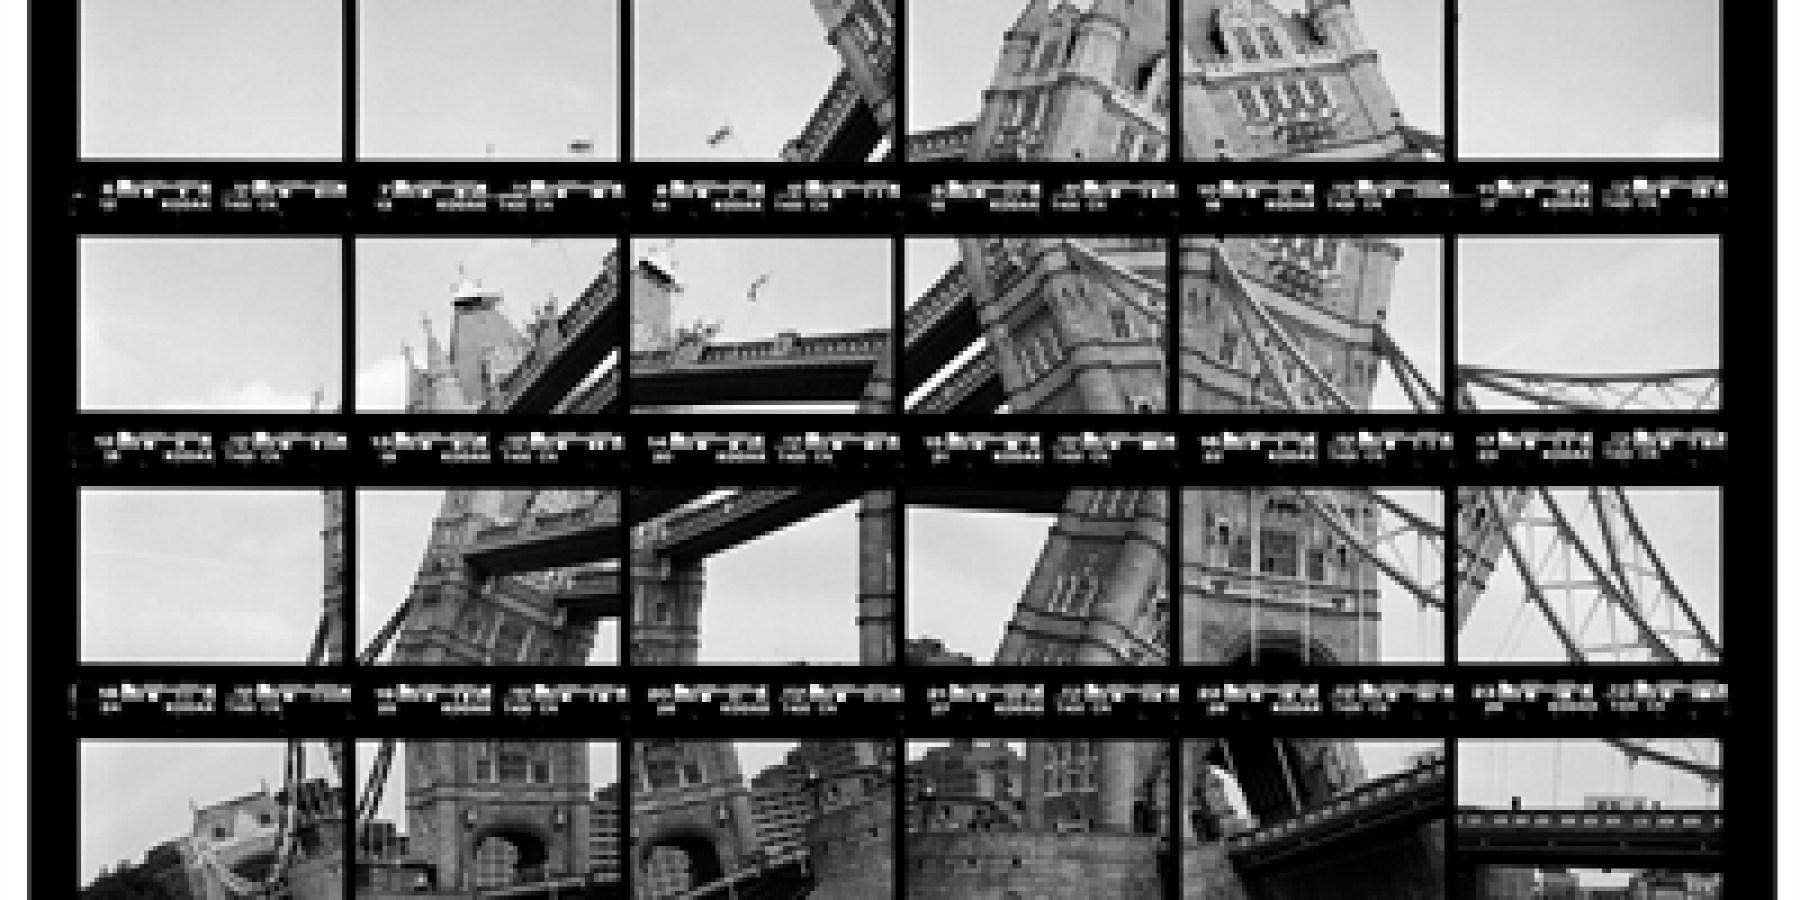 Kompositionen aus dem Fotolabor